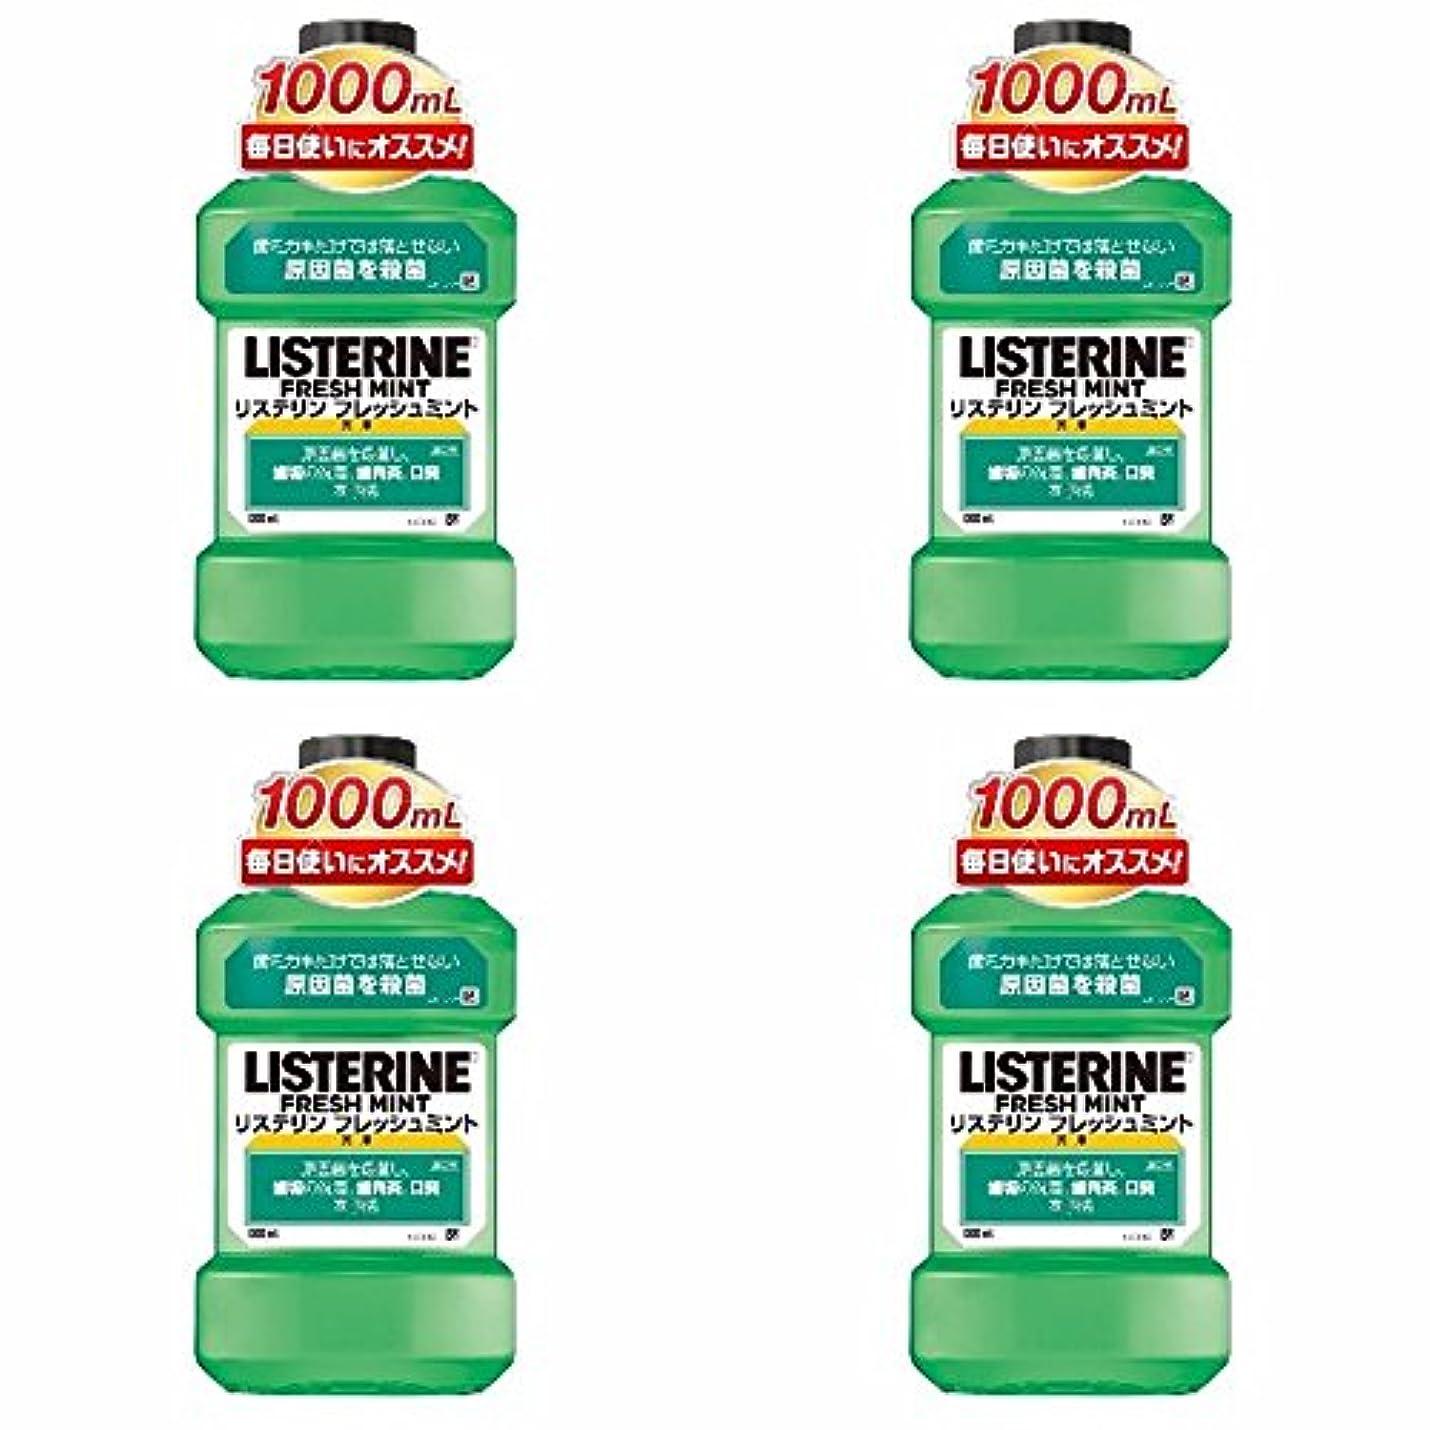 温度計下に向けますスケルトン【まとめ買い】薬用 LISTERINE リステリン フレッシュミント 1000ml×4個